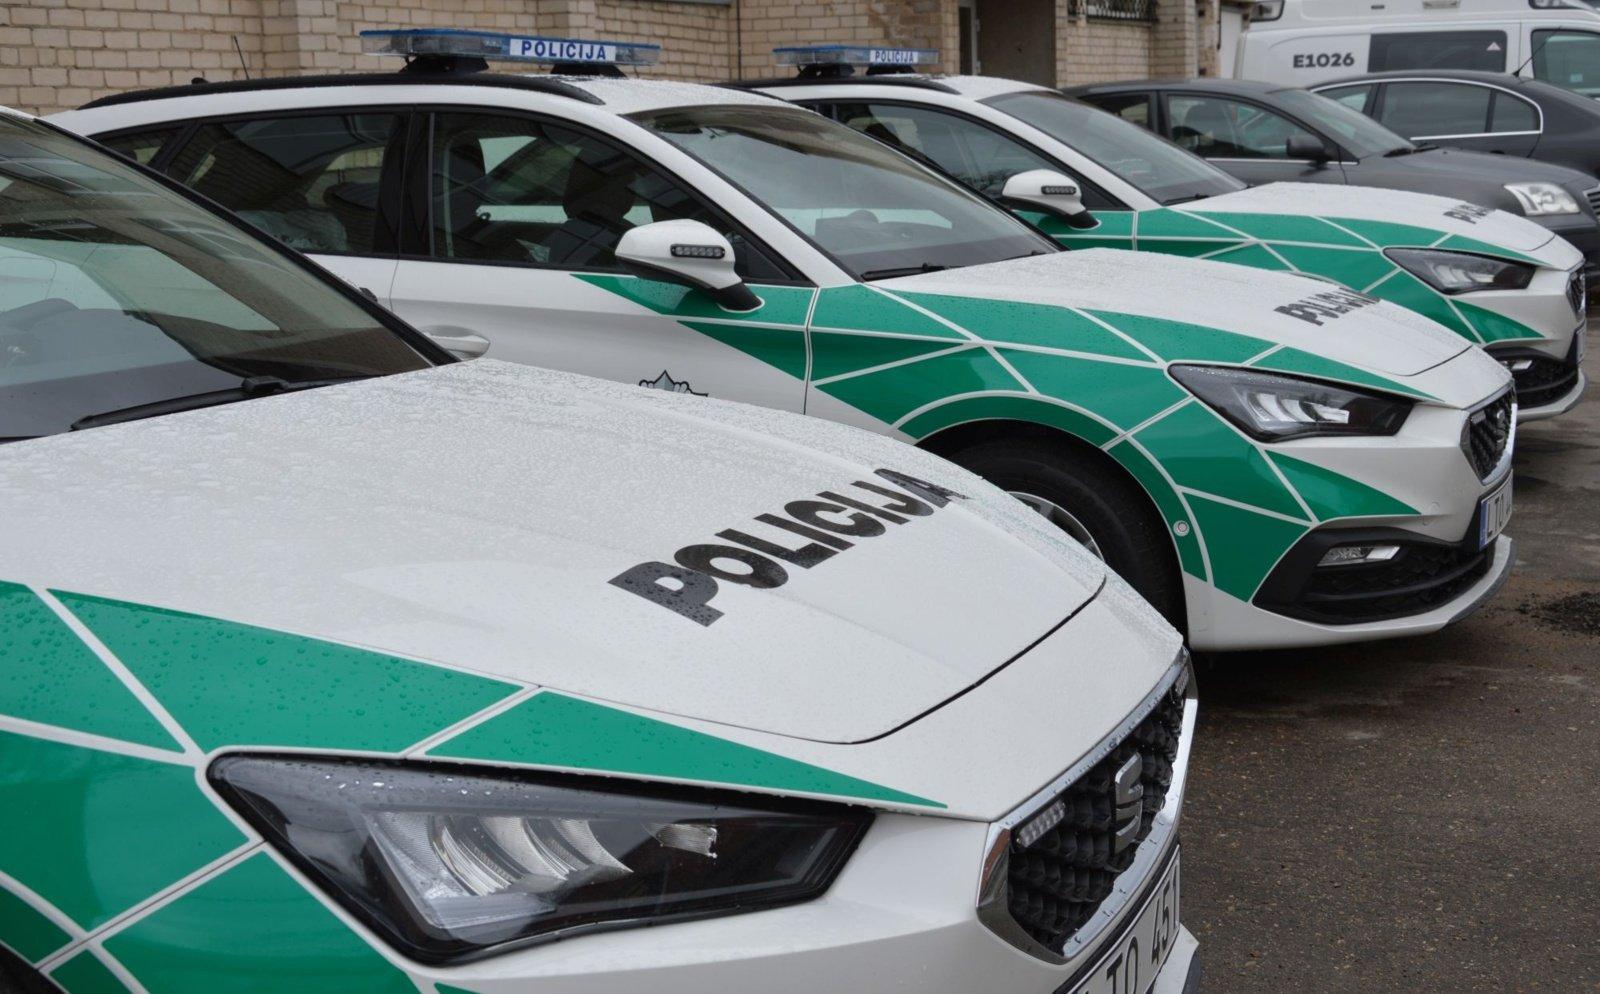 Šiaulių apskrities policijos komisariato automobilių parką papildė12 naujų automobilių